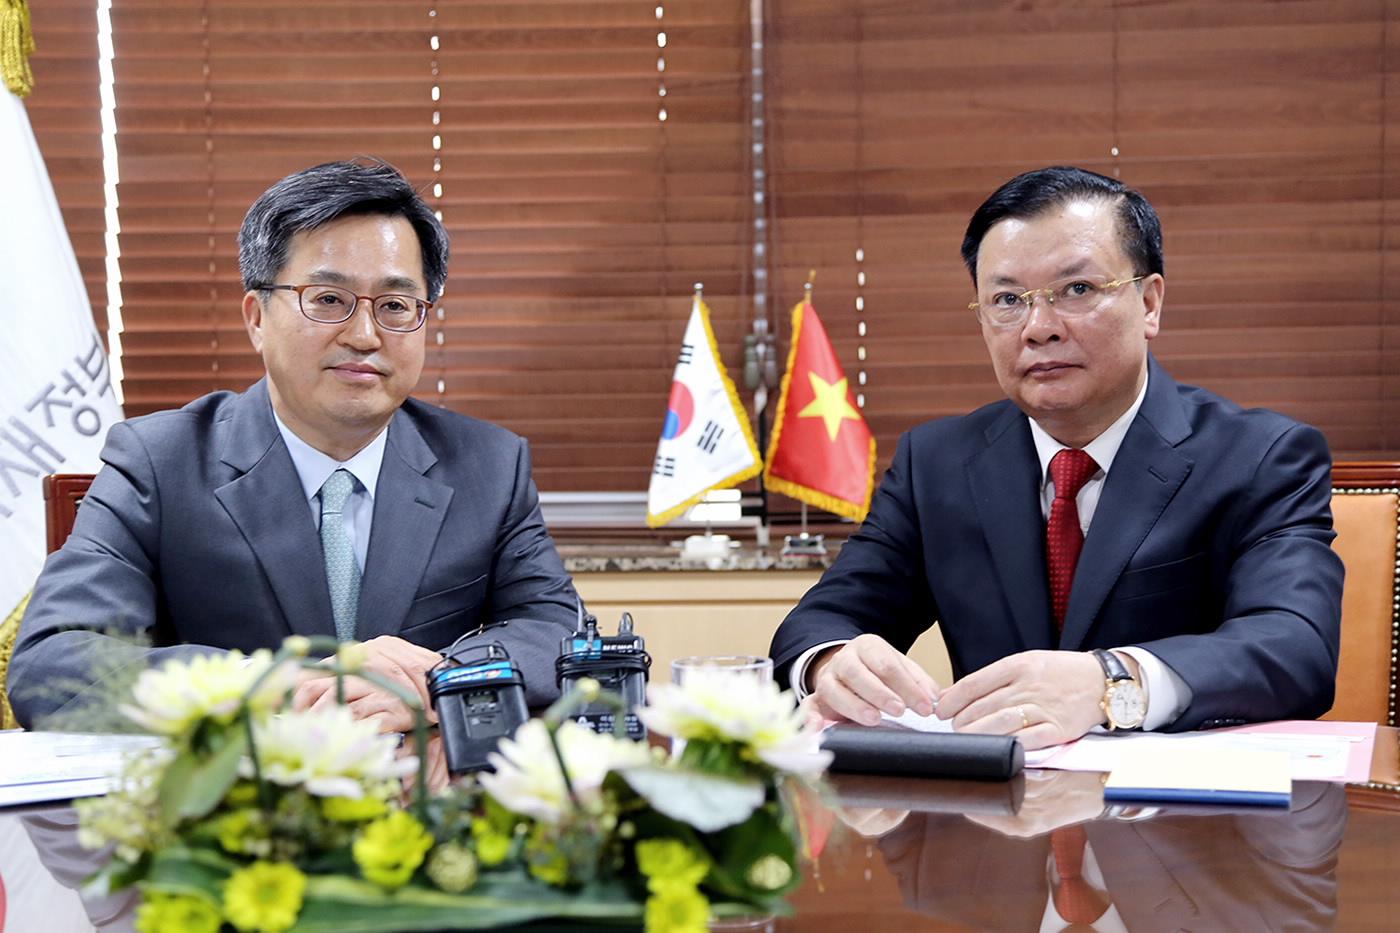 Tăng cường quan hệ hợp tác tài chính giữa Việt Nam và Hàn Quốc